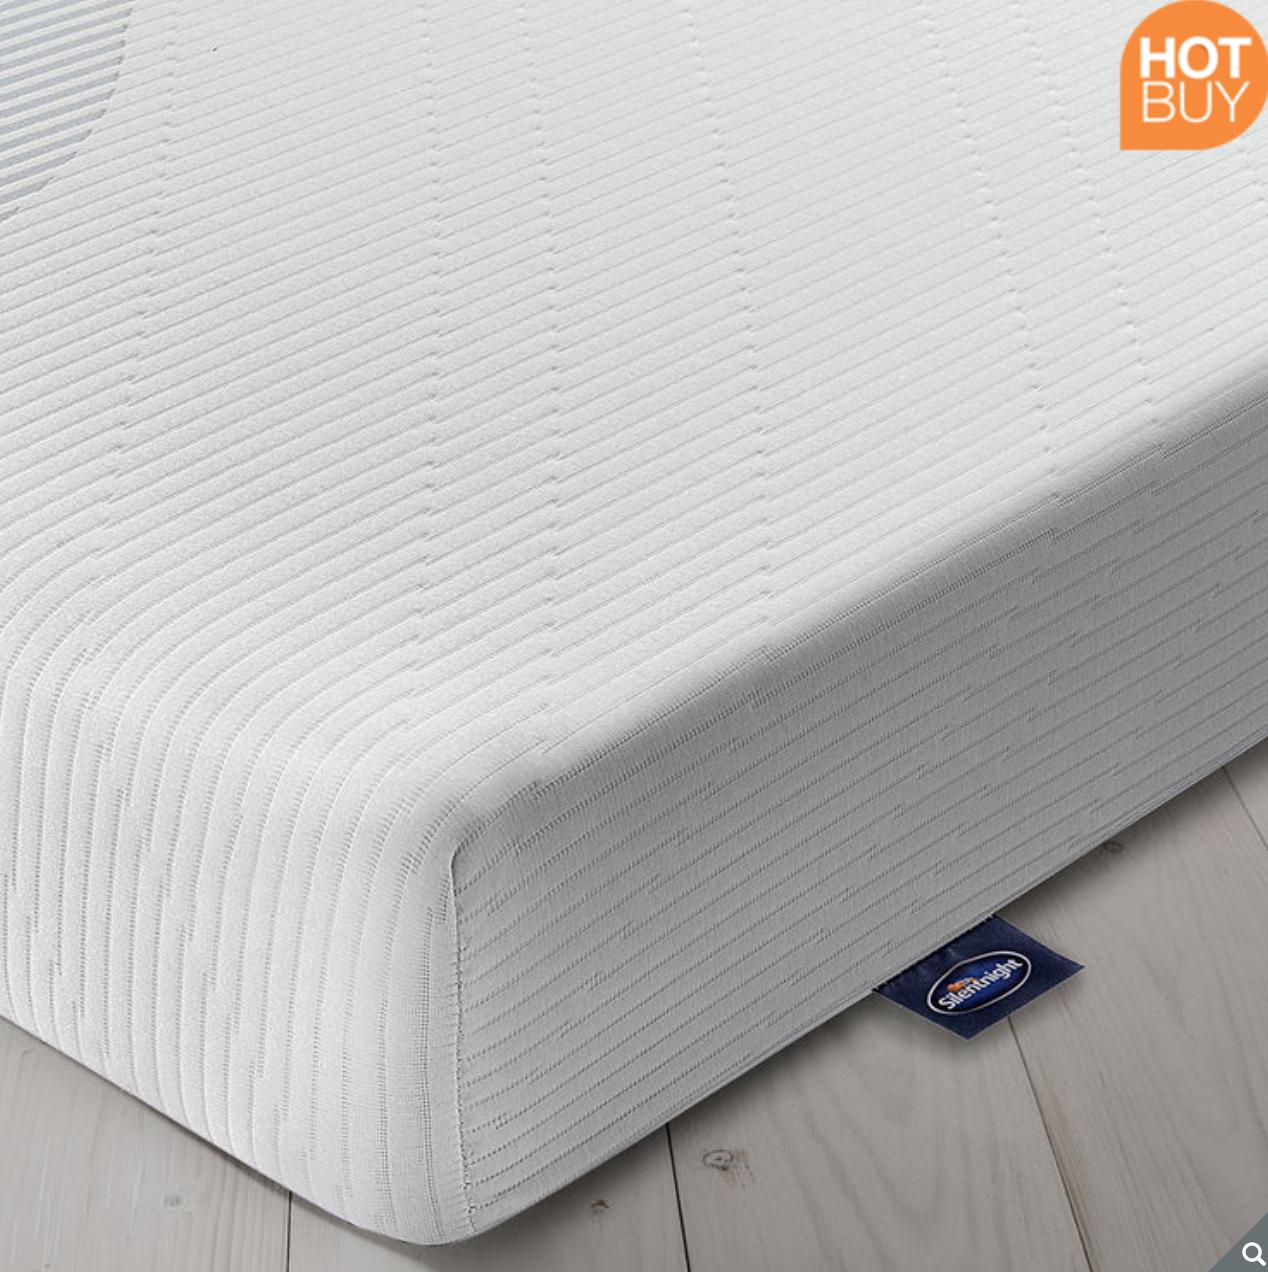 Memory foam mattressfrom £89.89 delivered @ Costco